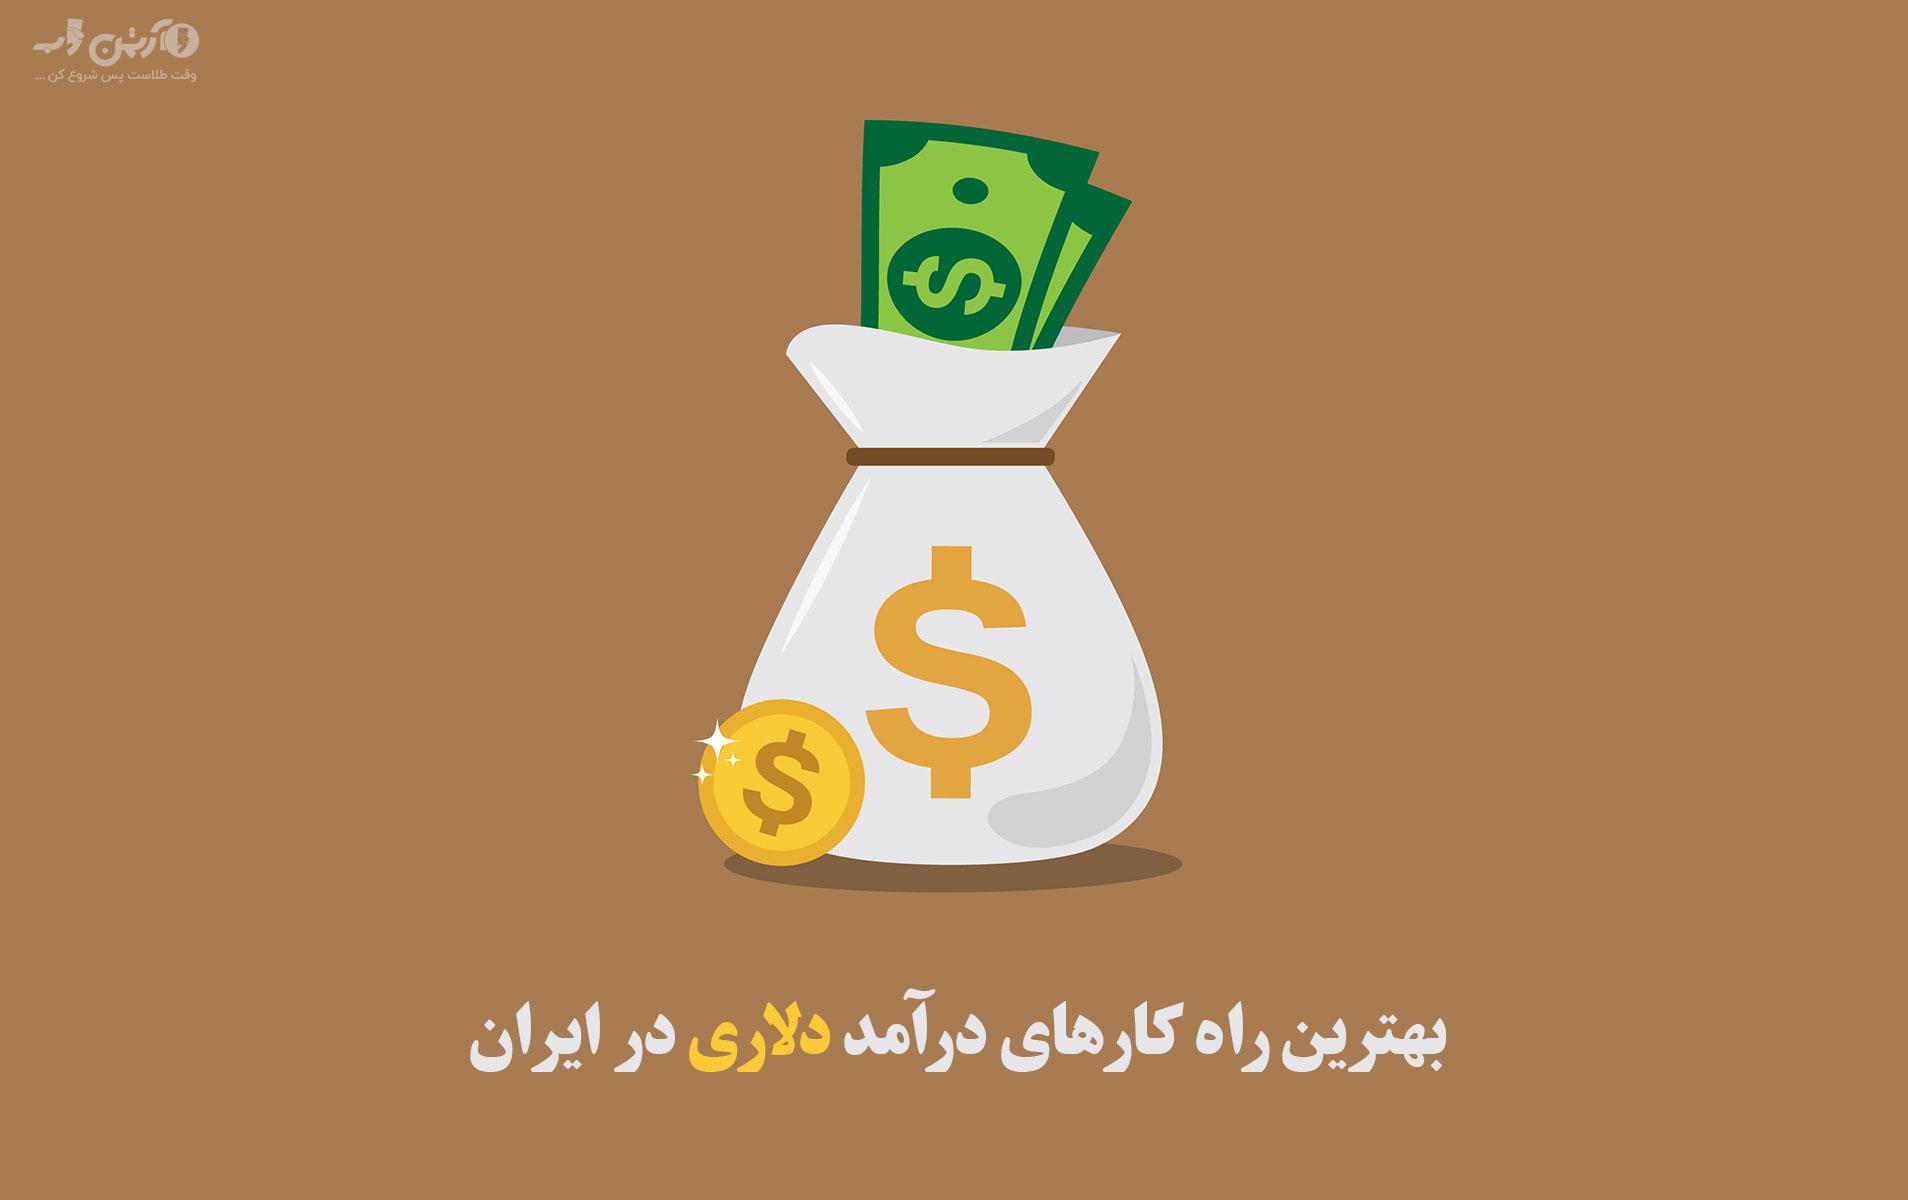 بهترین راه کارهای درآمد دلاری در ایران